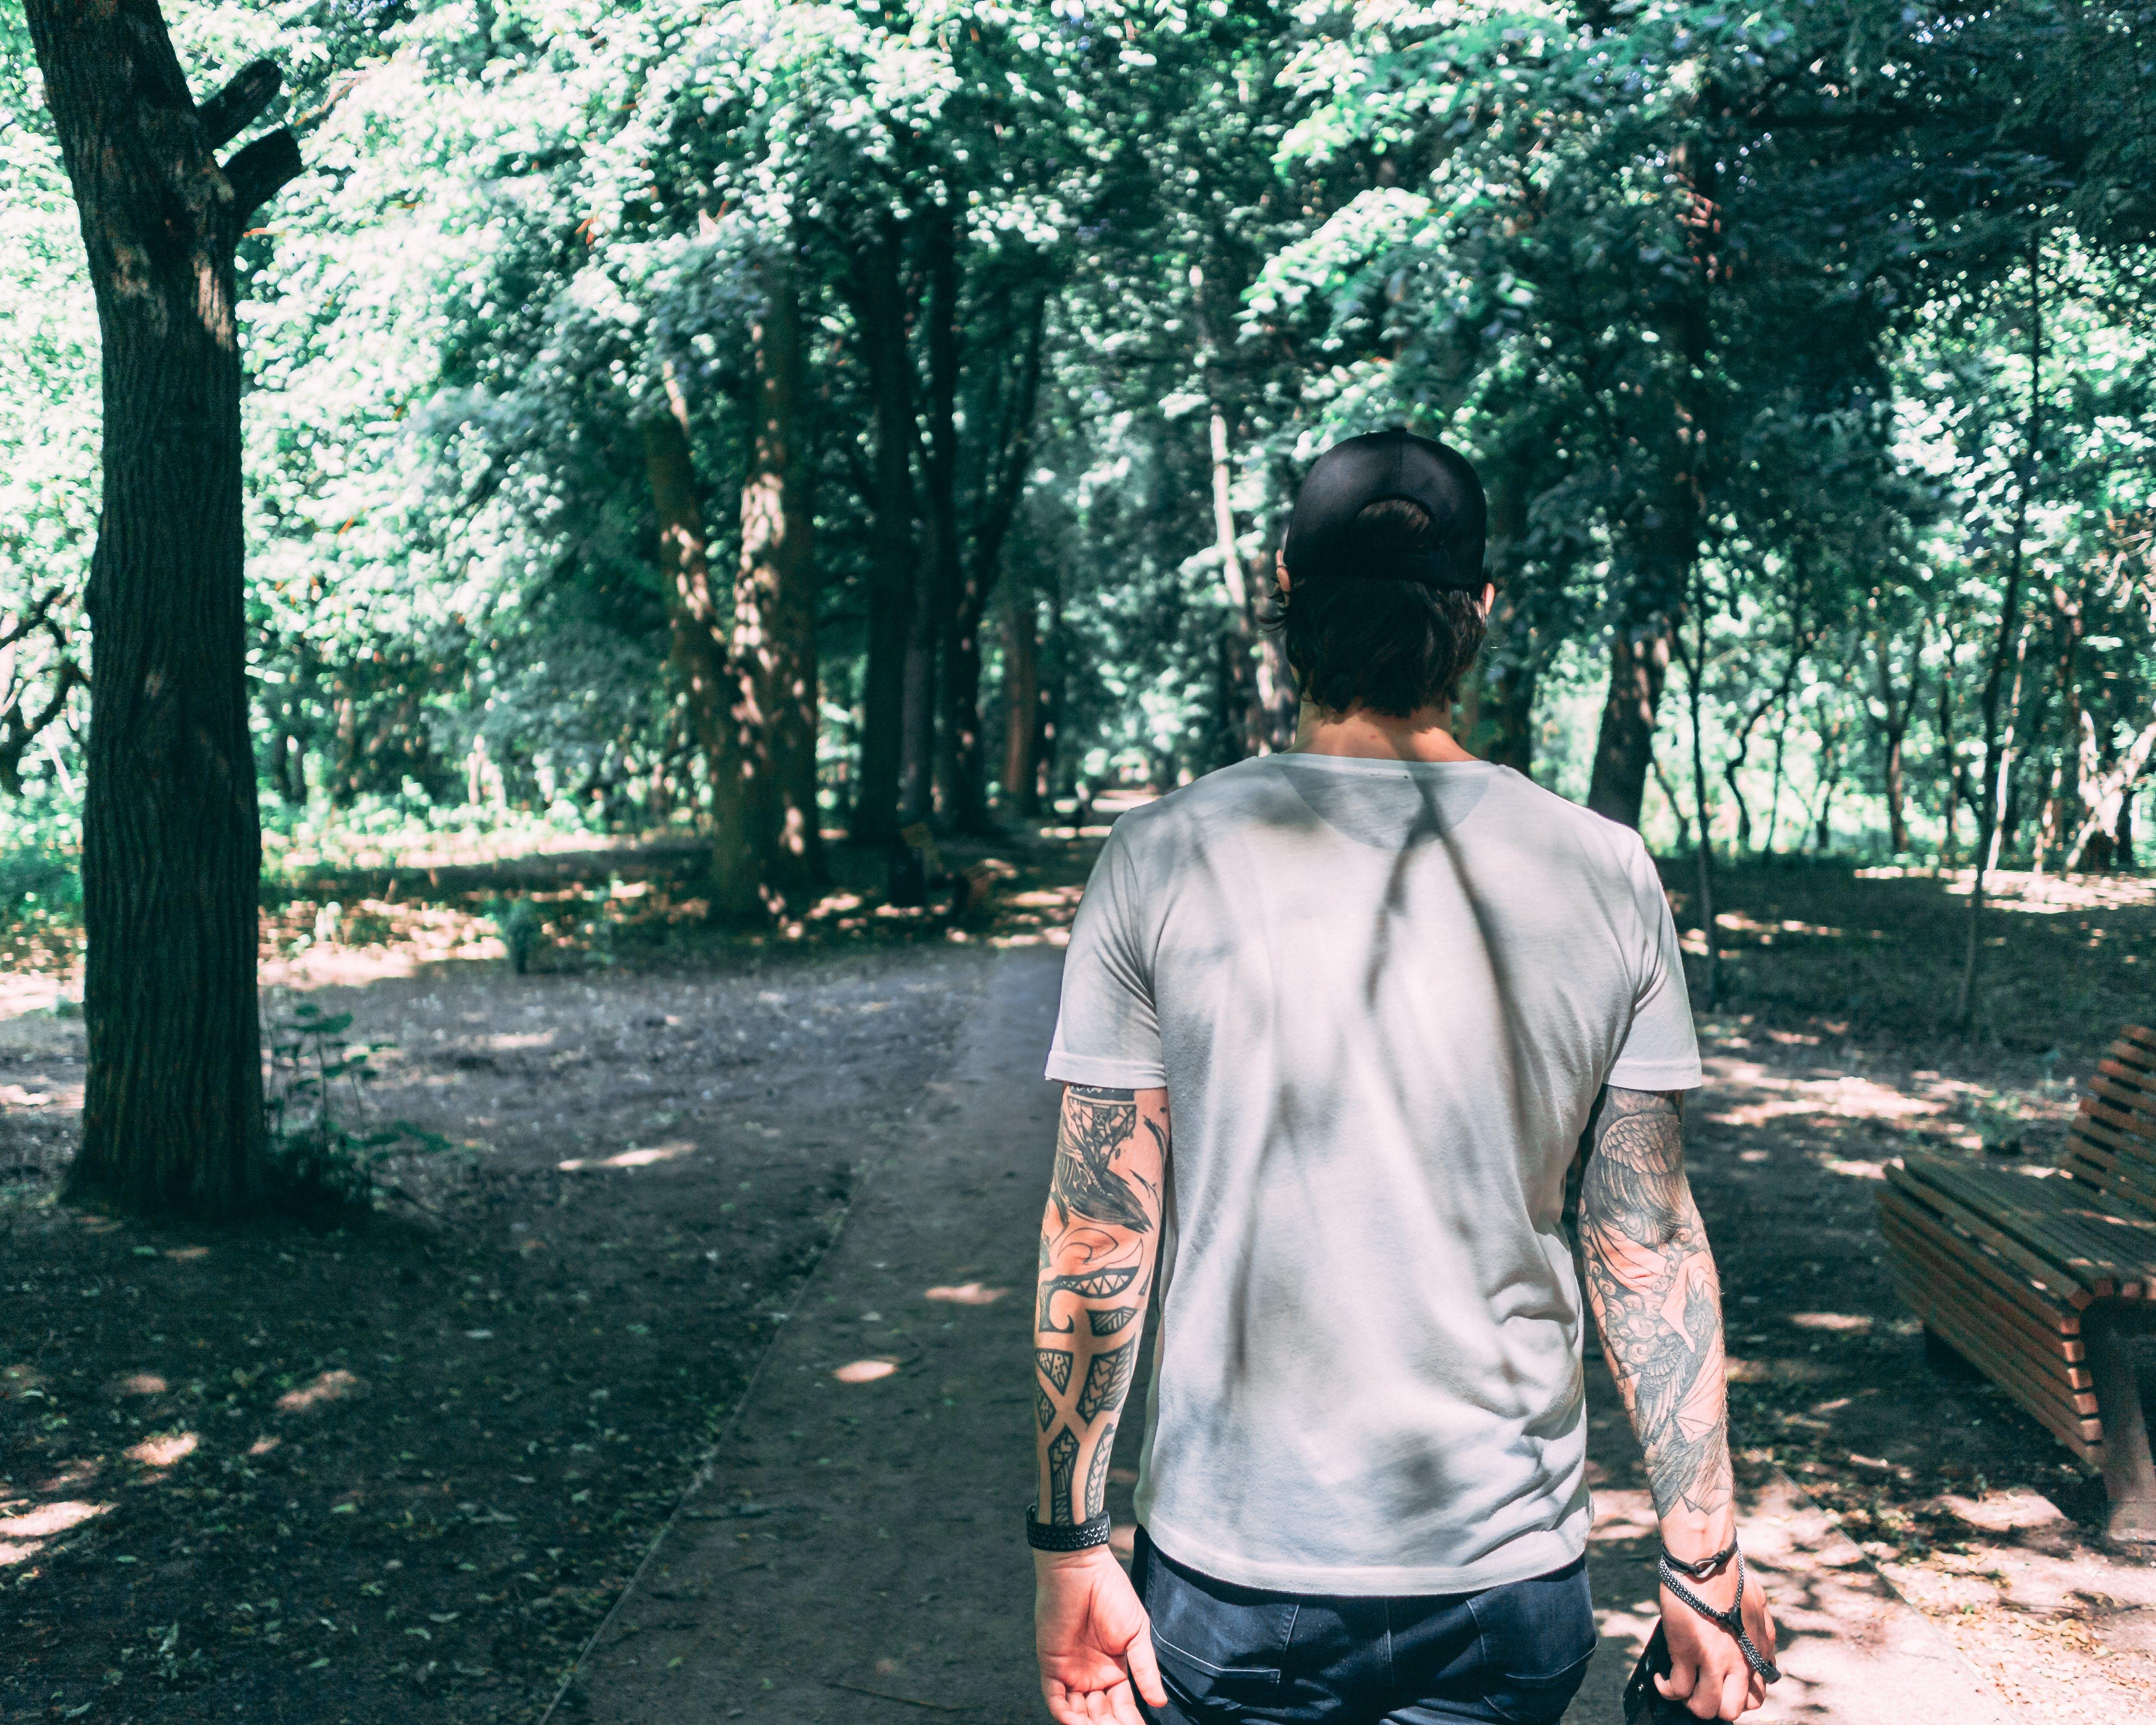 Man Walking At The Park